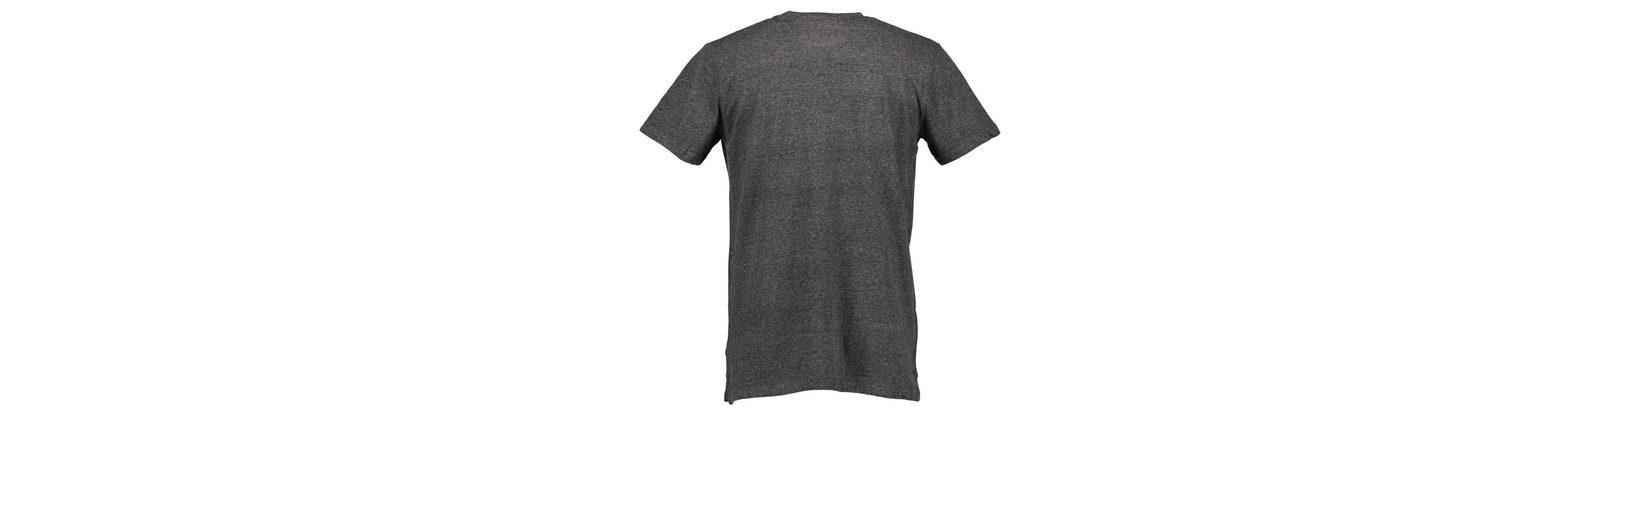 Spielraum Footlocker Bilder Blue Seven T-Shirt mit Frontprint Verkauf Finish Viele Arten Von 2018 Neuester Günstiger Preis 7Wga44B